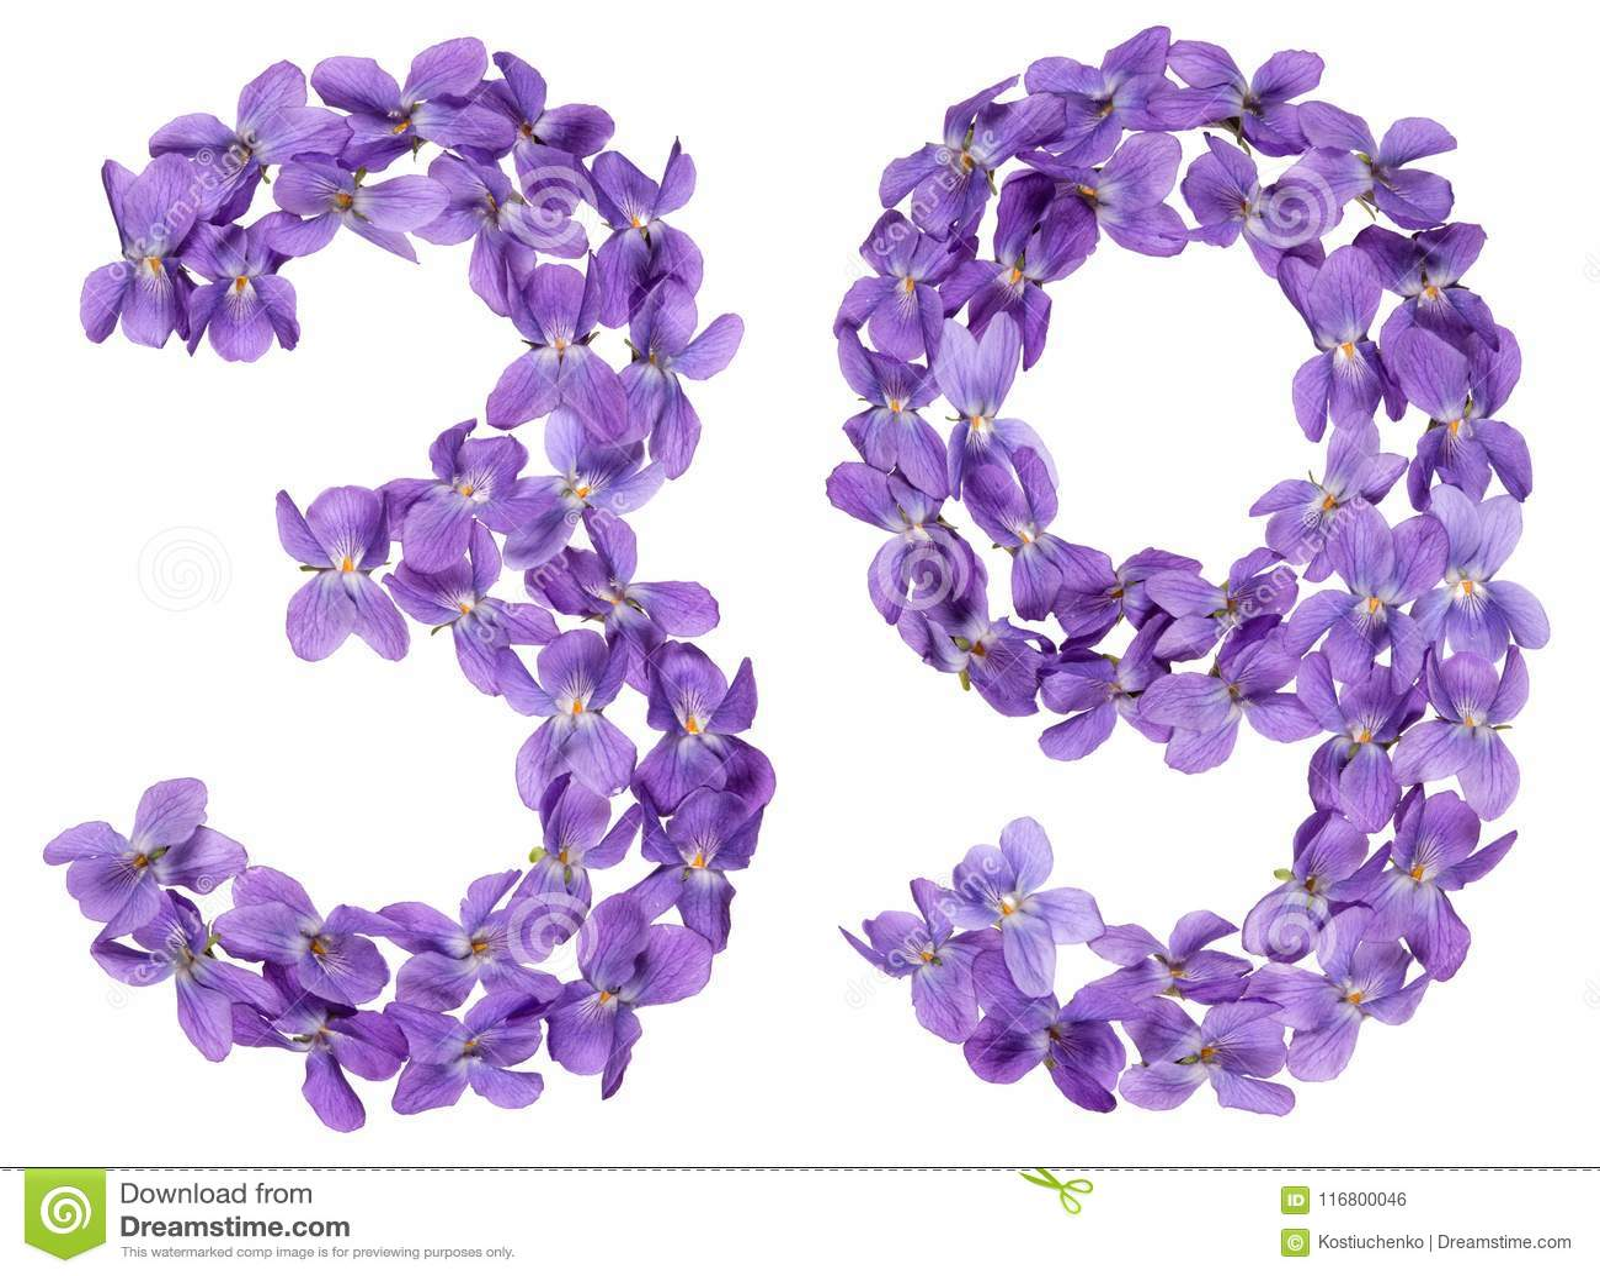 Numero arabo 39, trentanove, dai fiori della viola, isolati